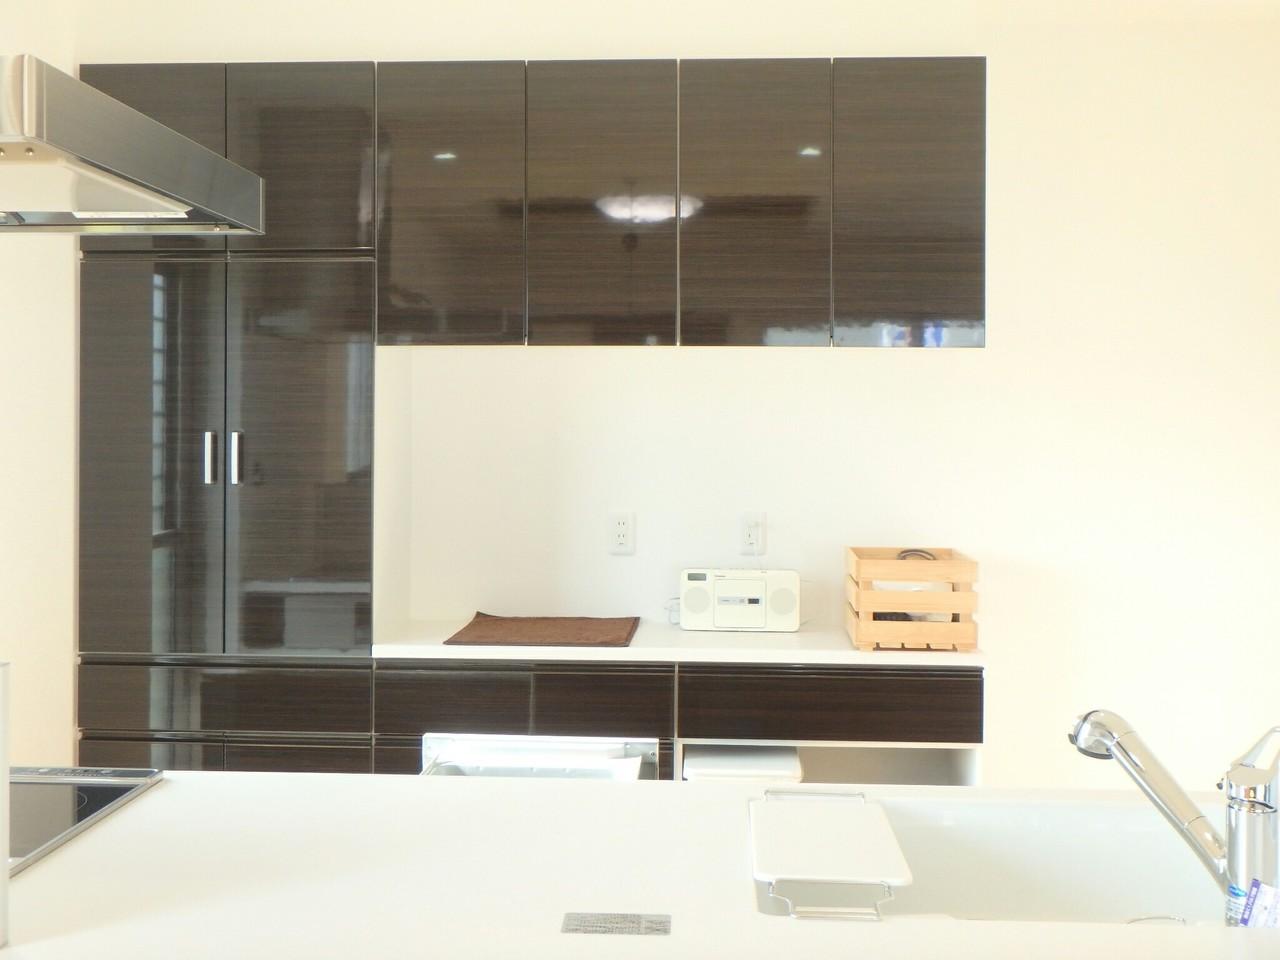 キッチン後方には、リビングにマッチしたシックな色合いの大容量の収納がありますよ。